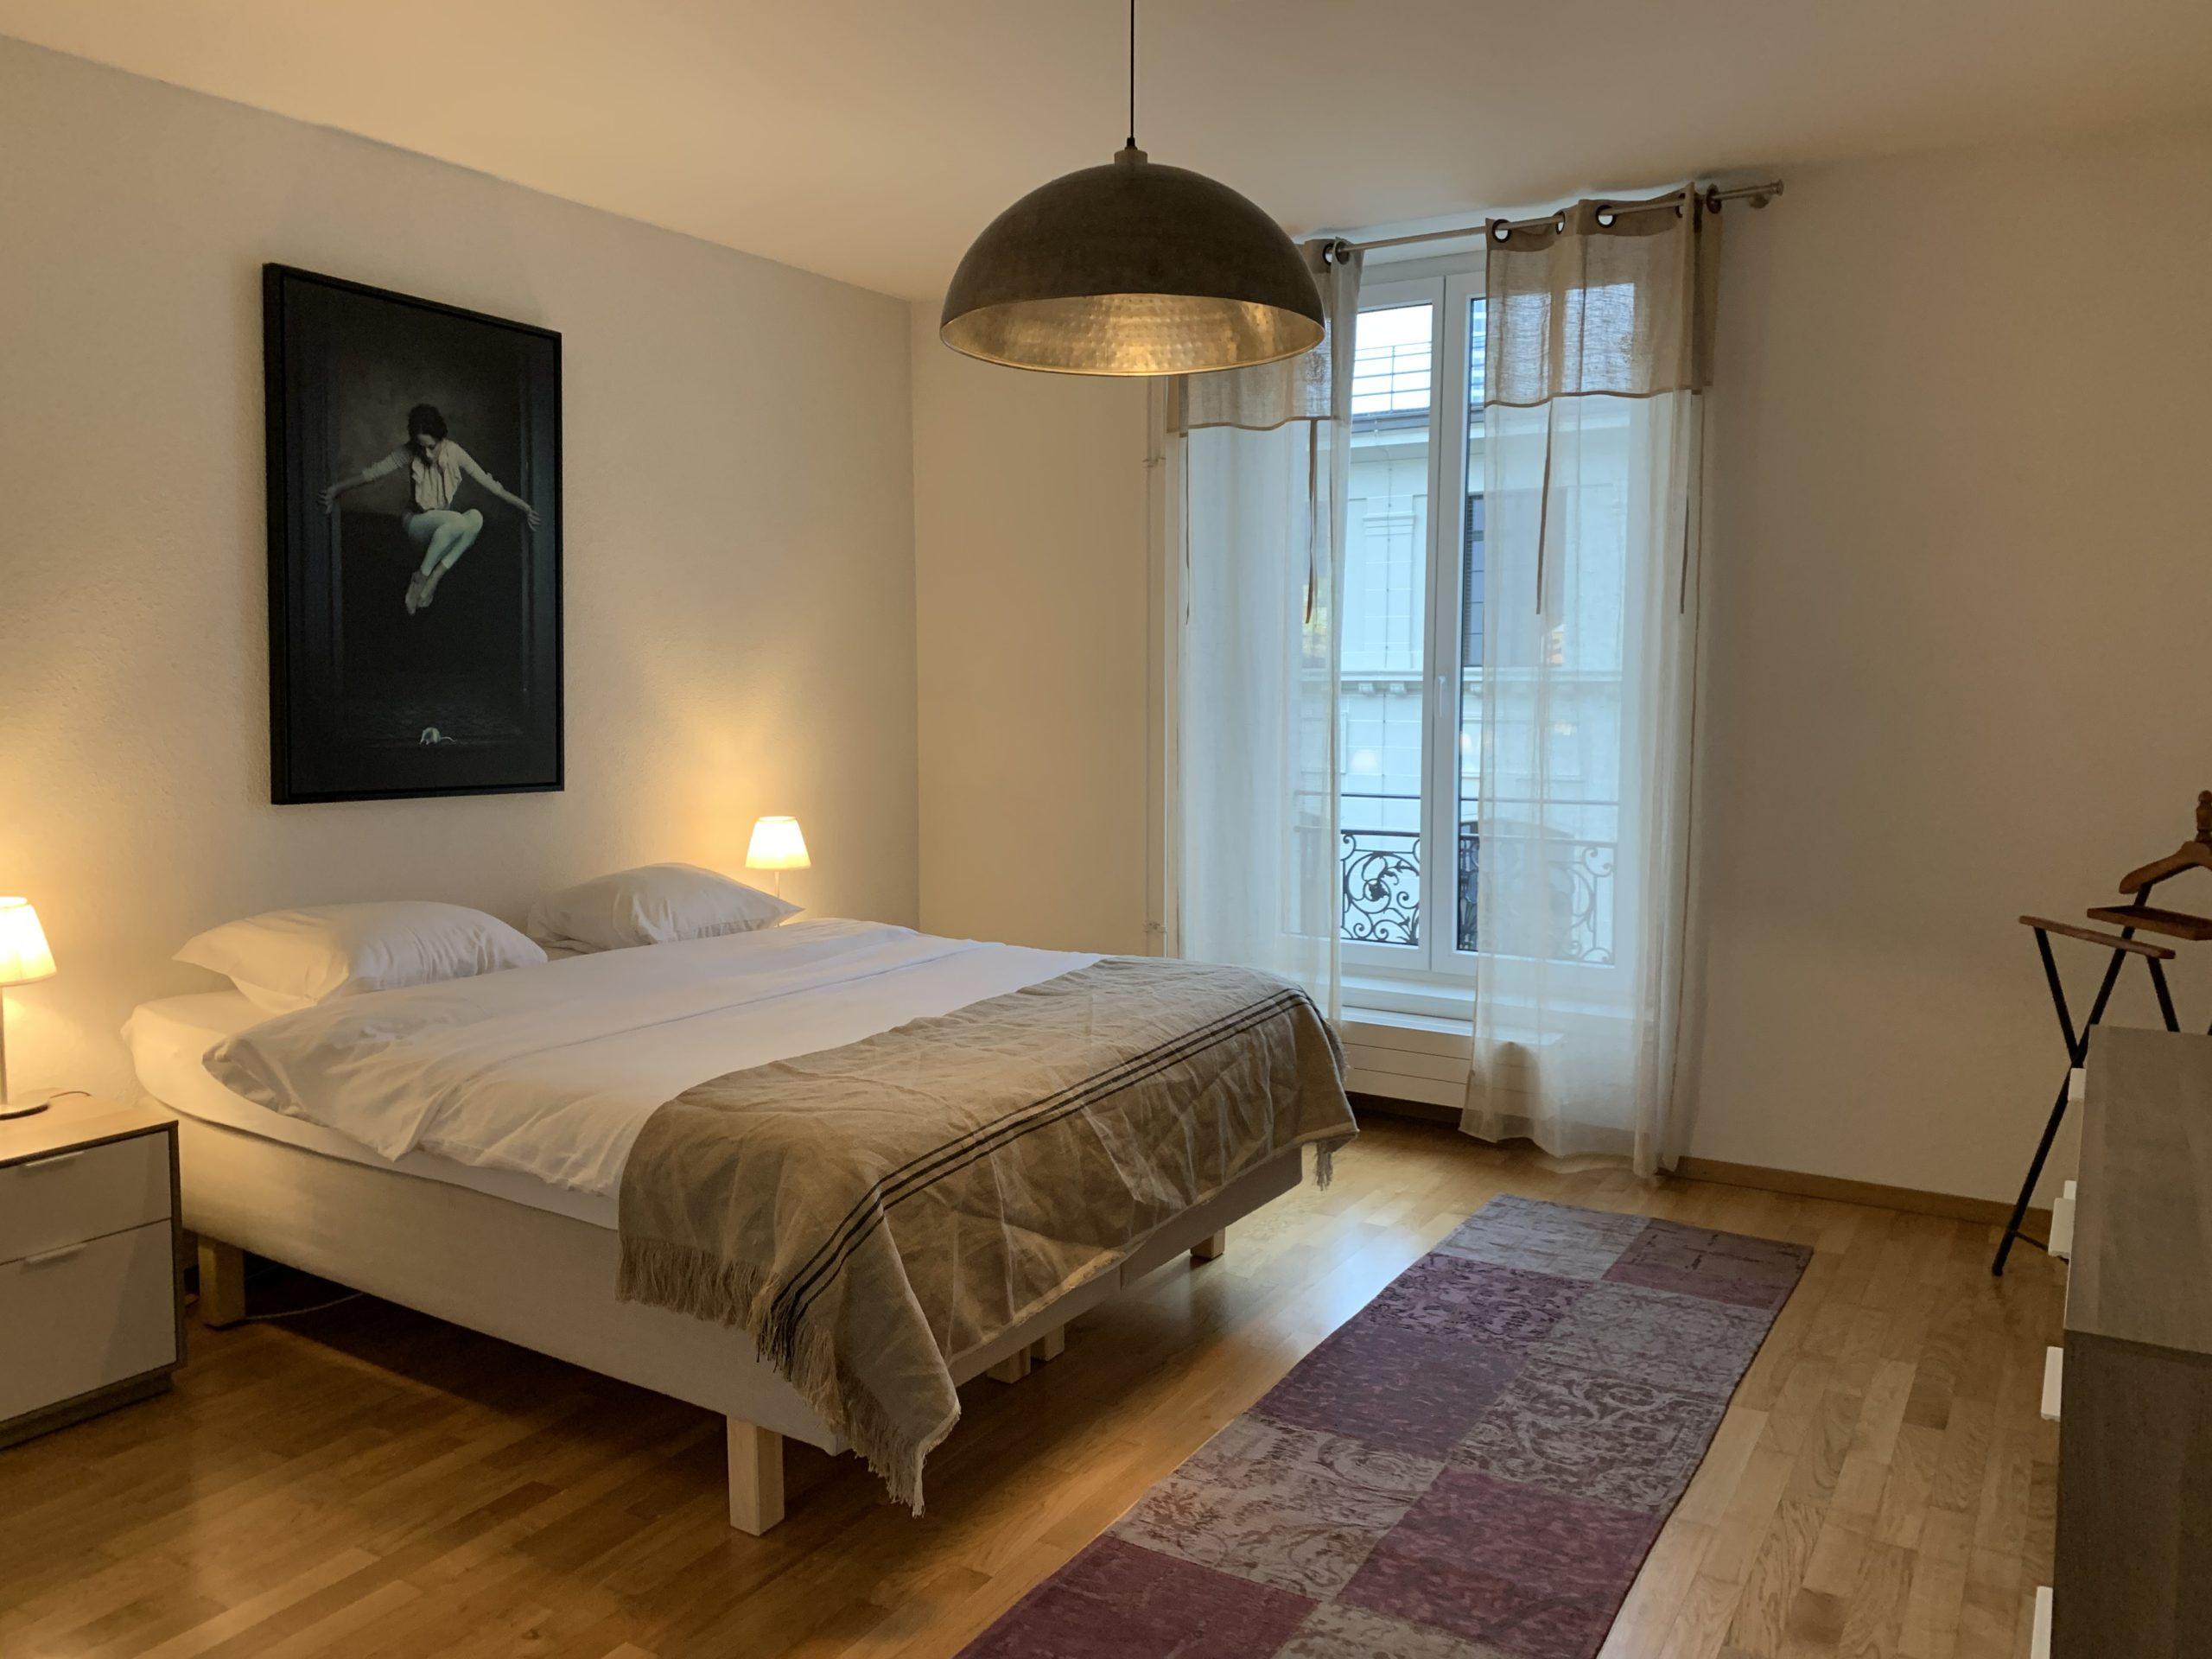 Ch. du Closelet 4, Lausanne - 3,5 pièces - Lot 21 16